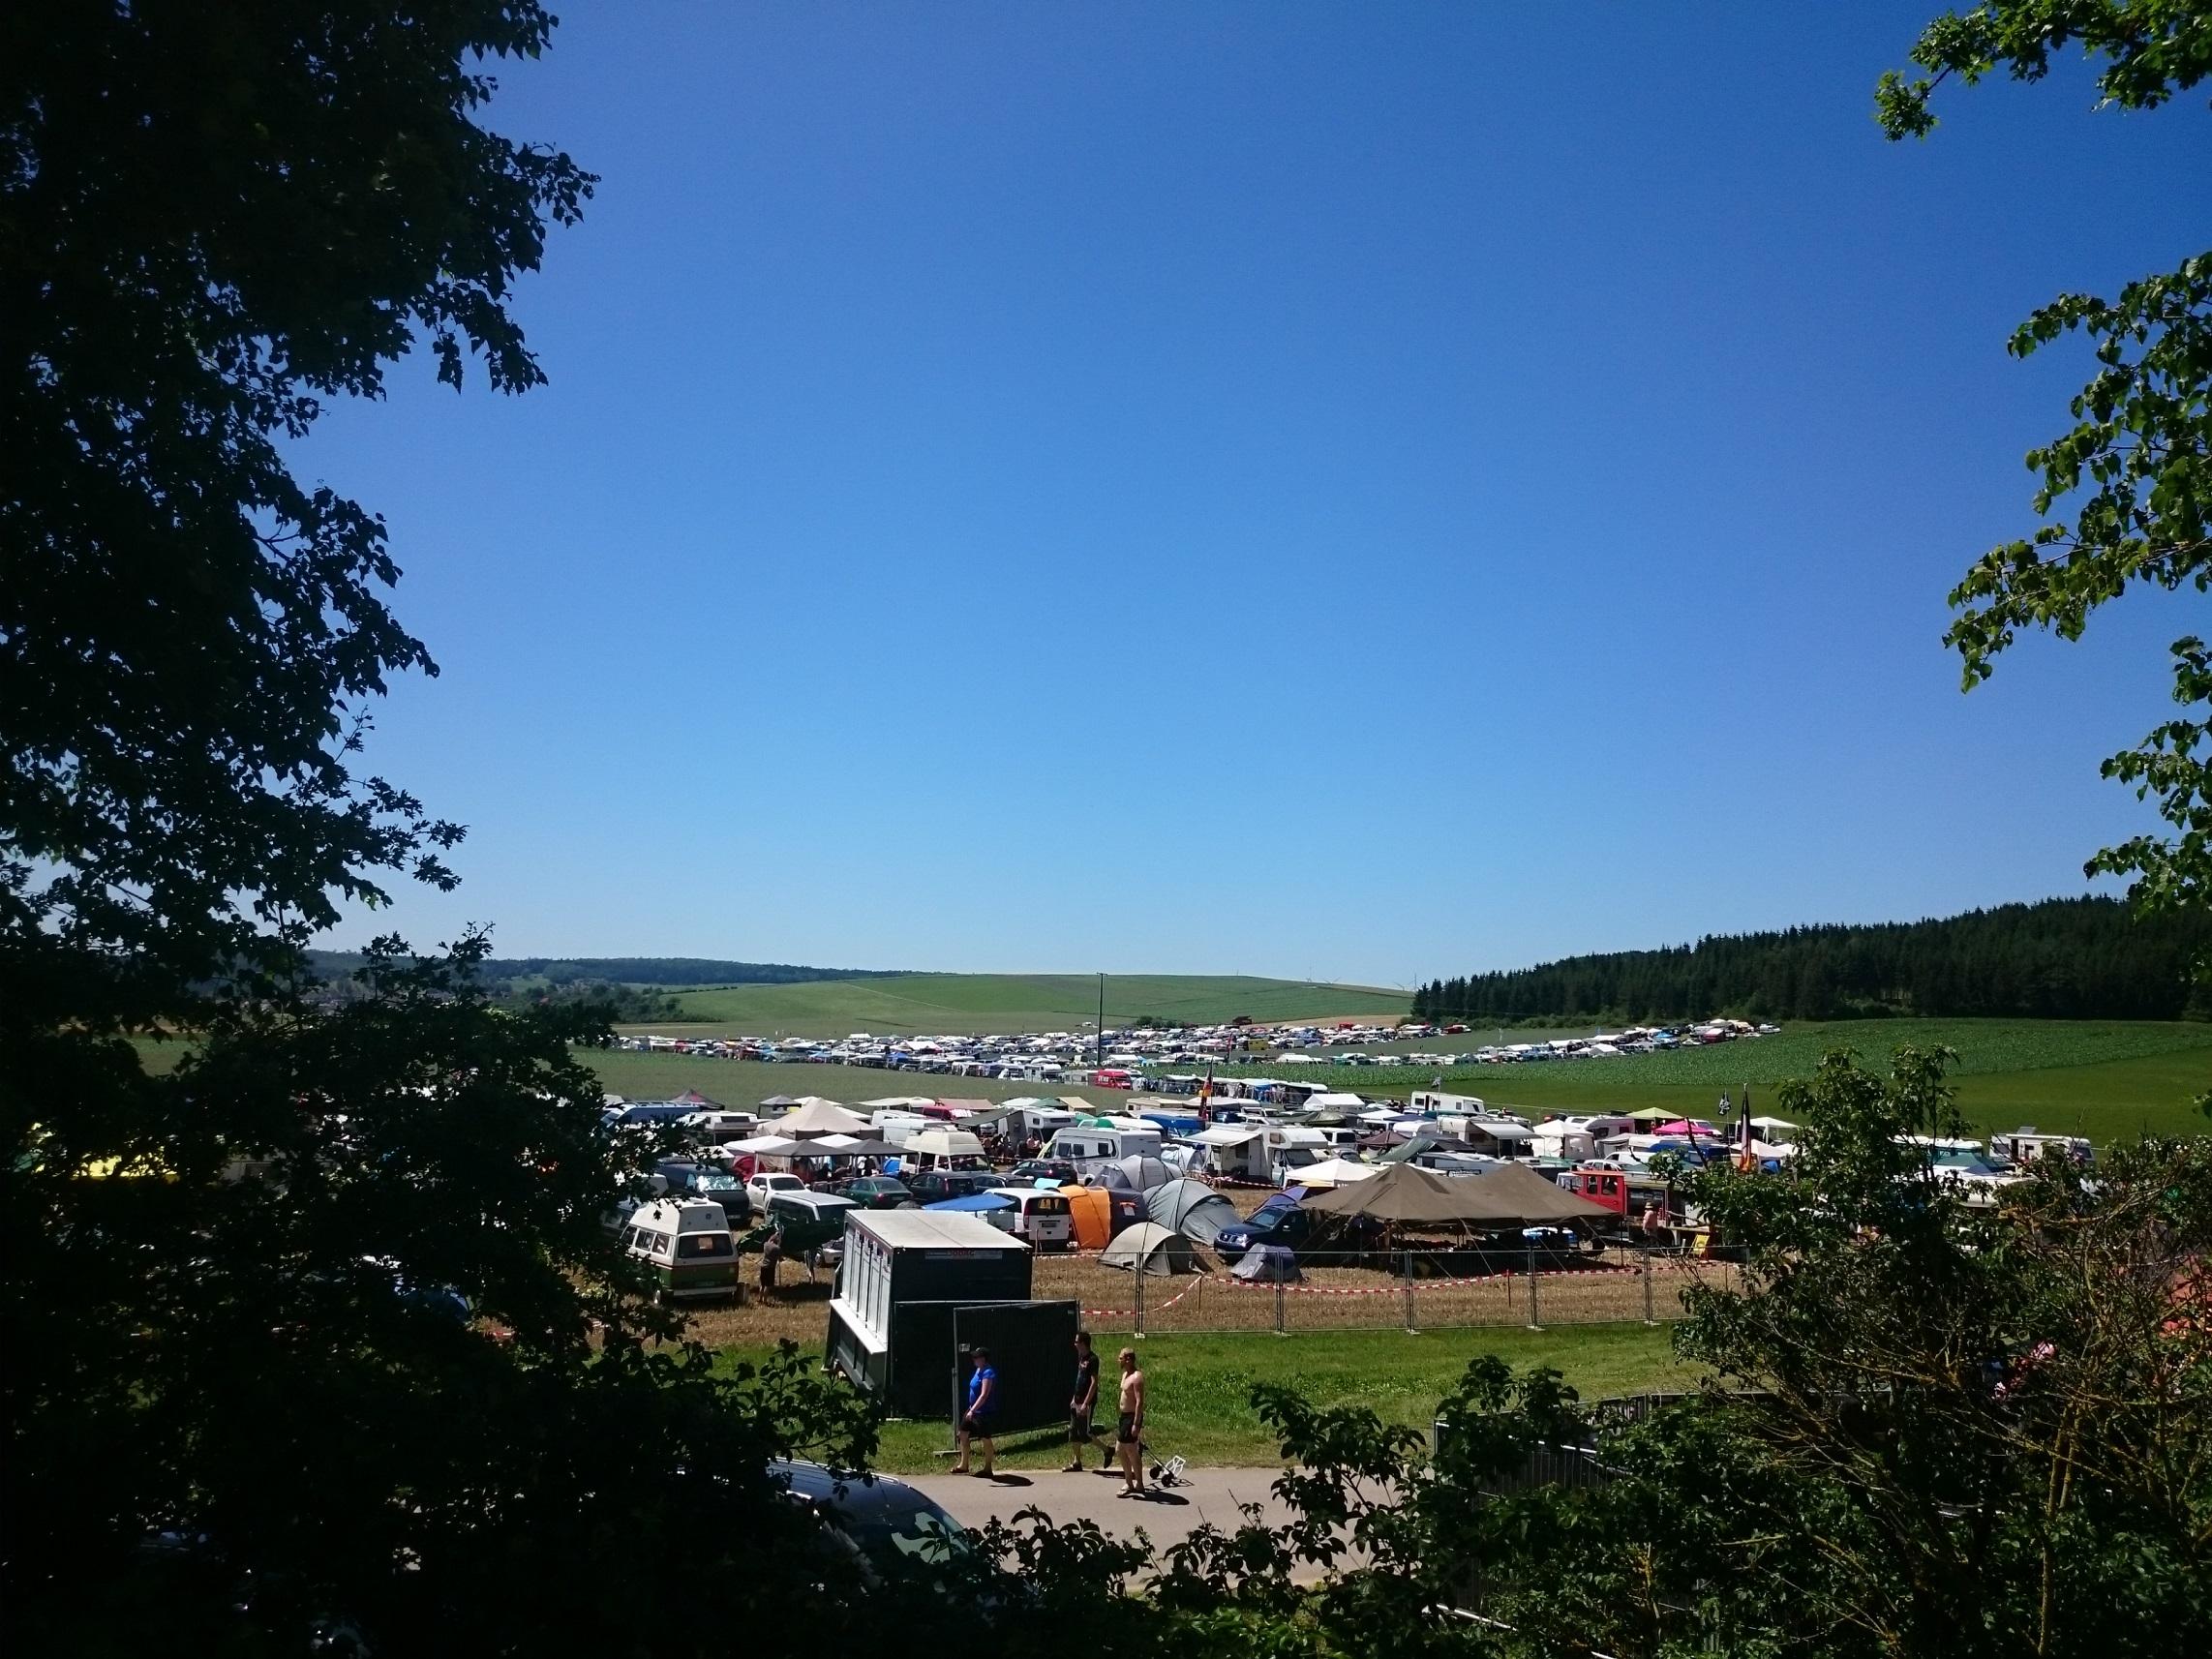 Blick auf das Campinggelände...